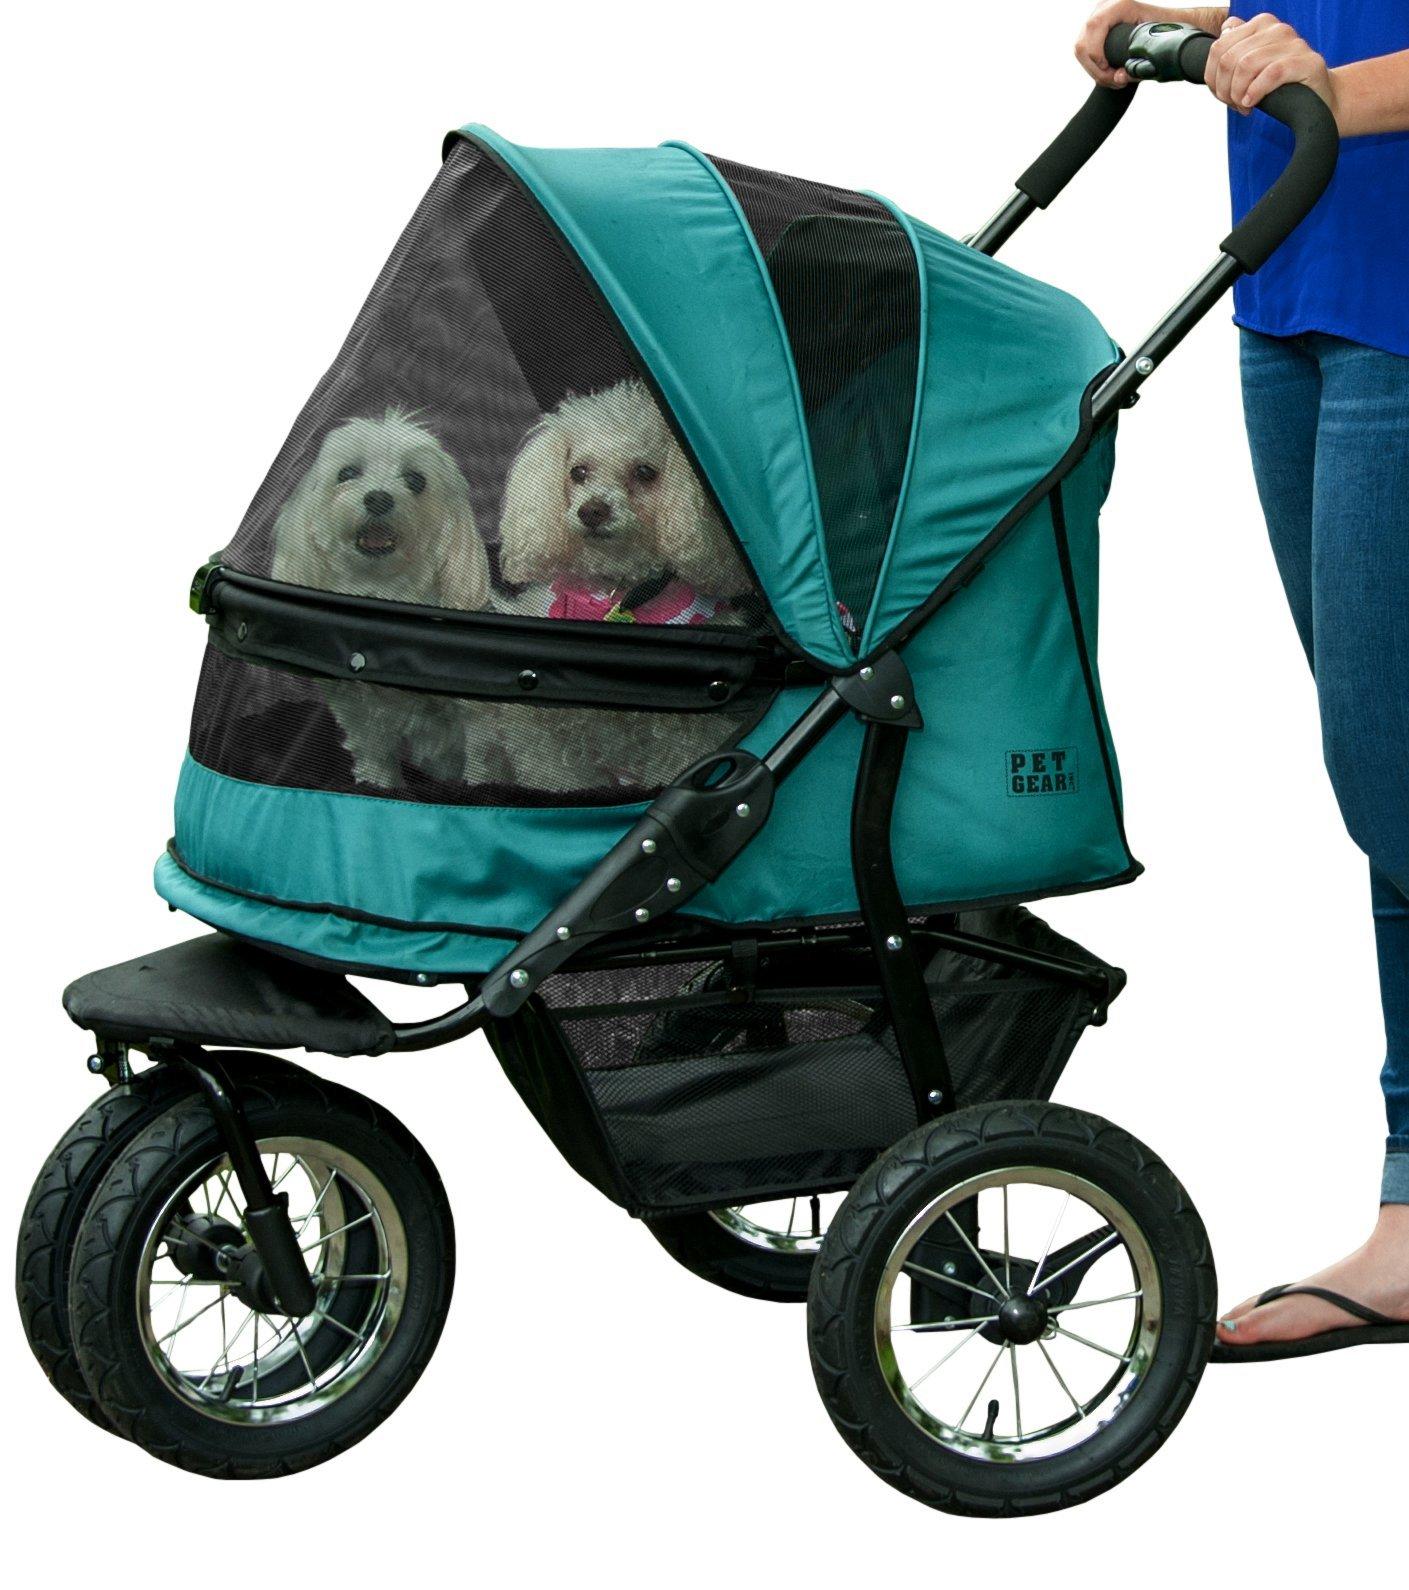 Pet Gear No-Zip Double Pet Stroller, Zipperless Entry, Pine Green